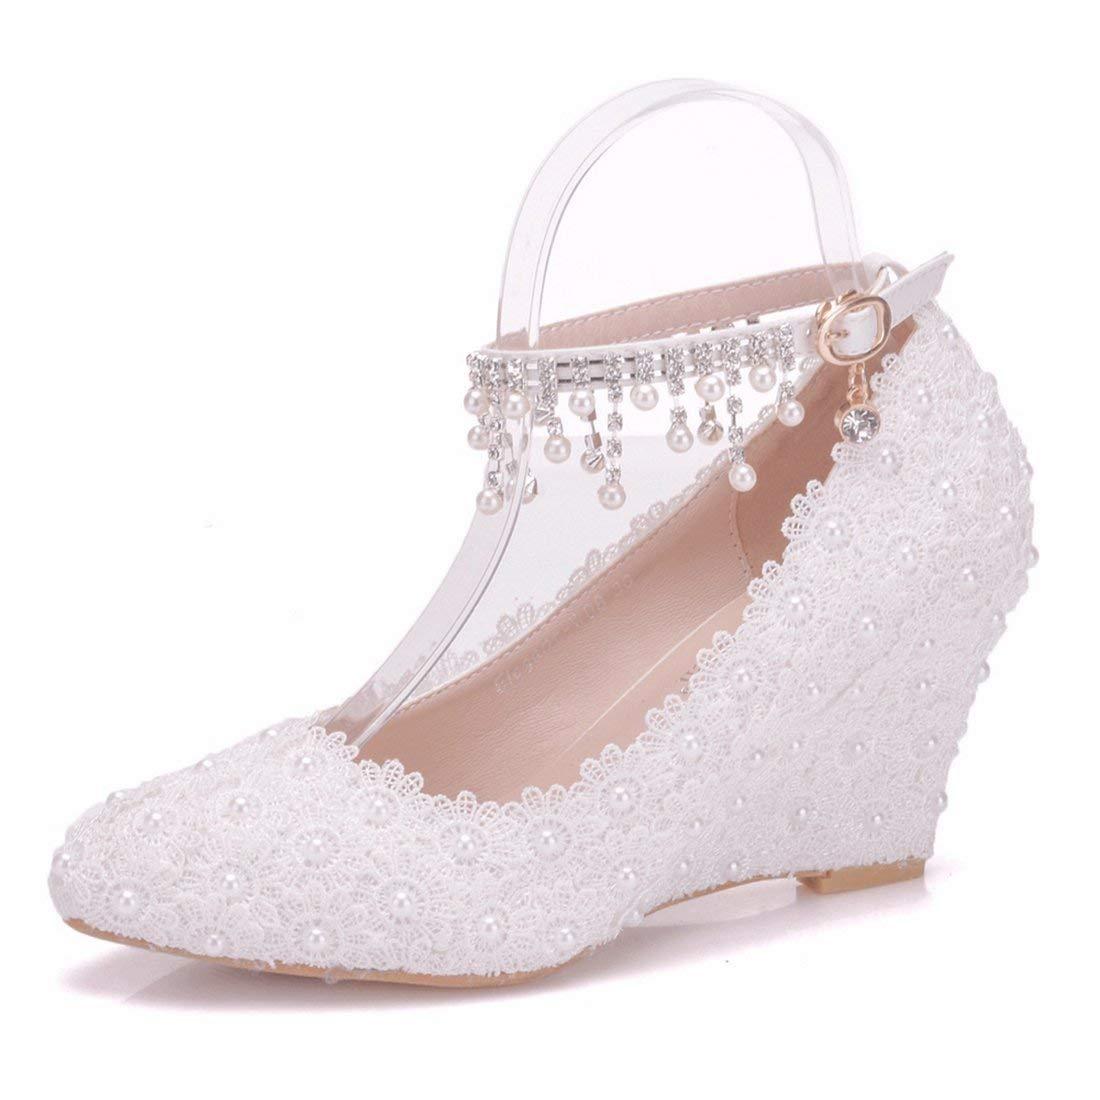 Qiusa Frauen Spitze Blaumen besetzt Keilabsatz Knöchel Ketten Elfenbein Hochzeit Schuhe UK 3.5 (Farbe   - Größe   -)